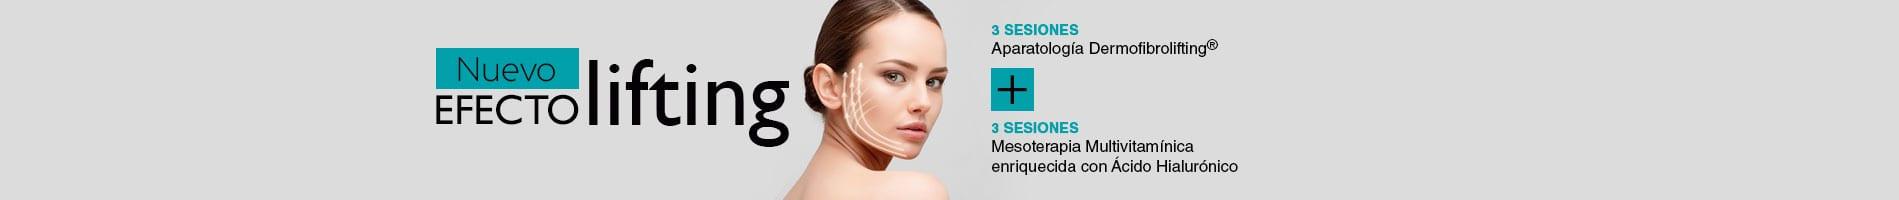 subhome medicina facial Neo tecnocirugía Facial